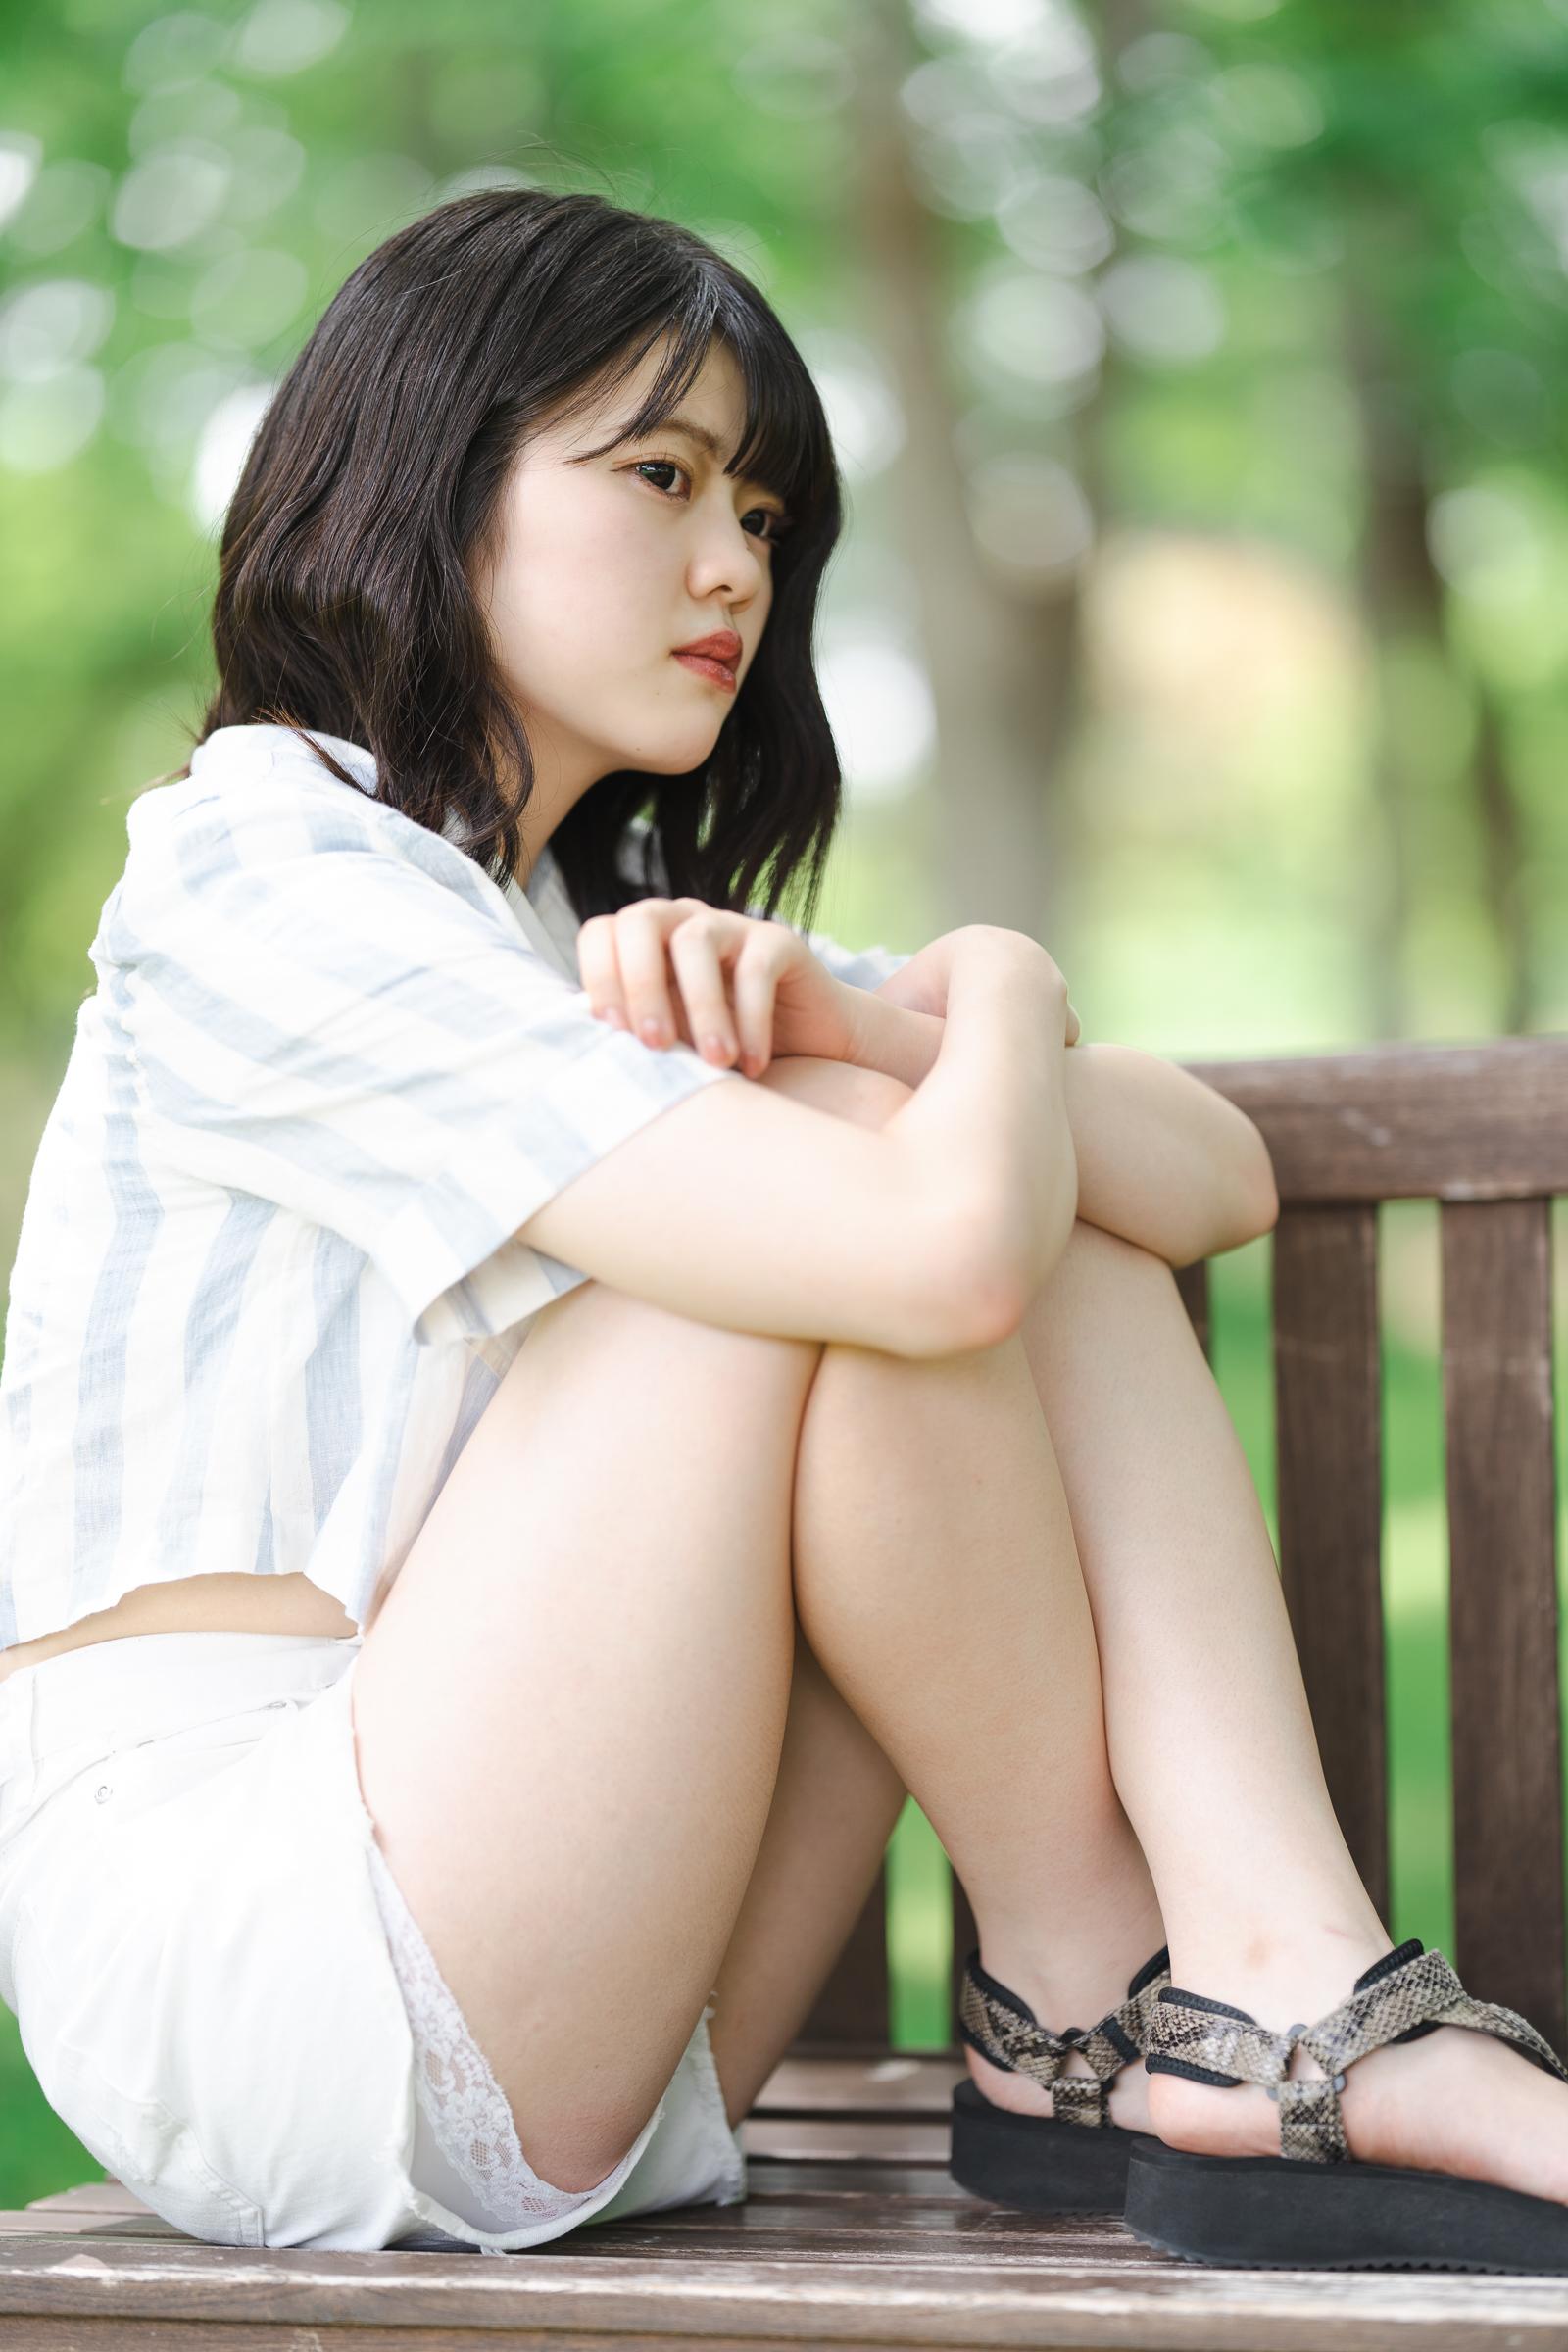 ぺろぺろきゃんでぃ🍭 ひめり ( 渡辺姫璃 ) | SMP 札幌モデルプロ撮影会